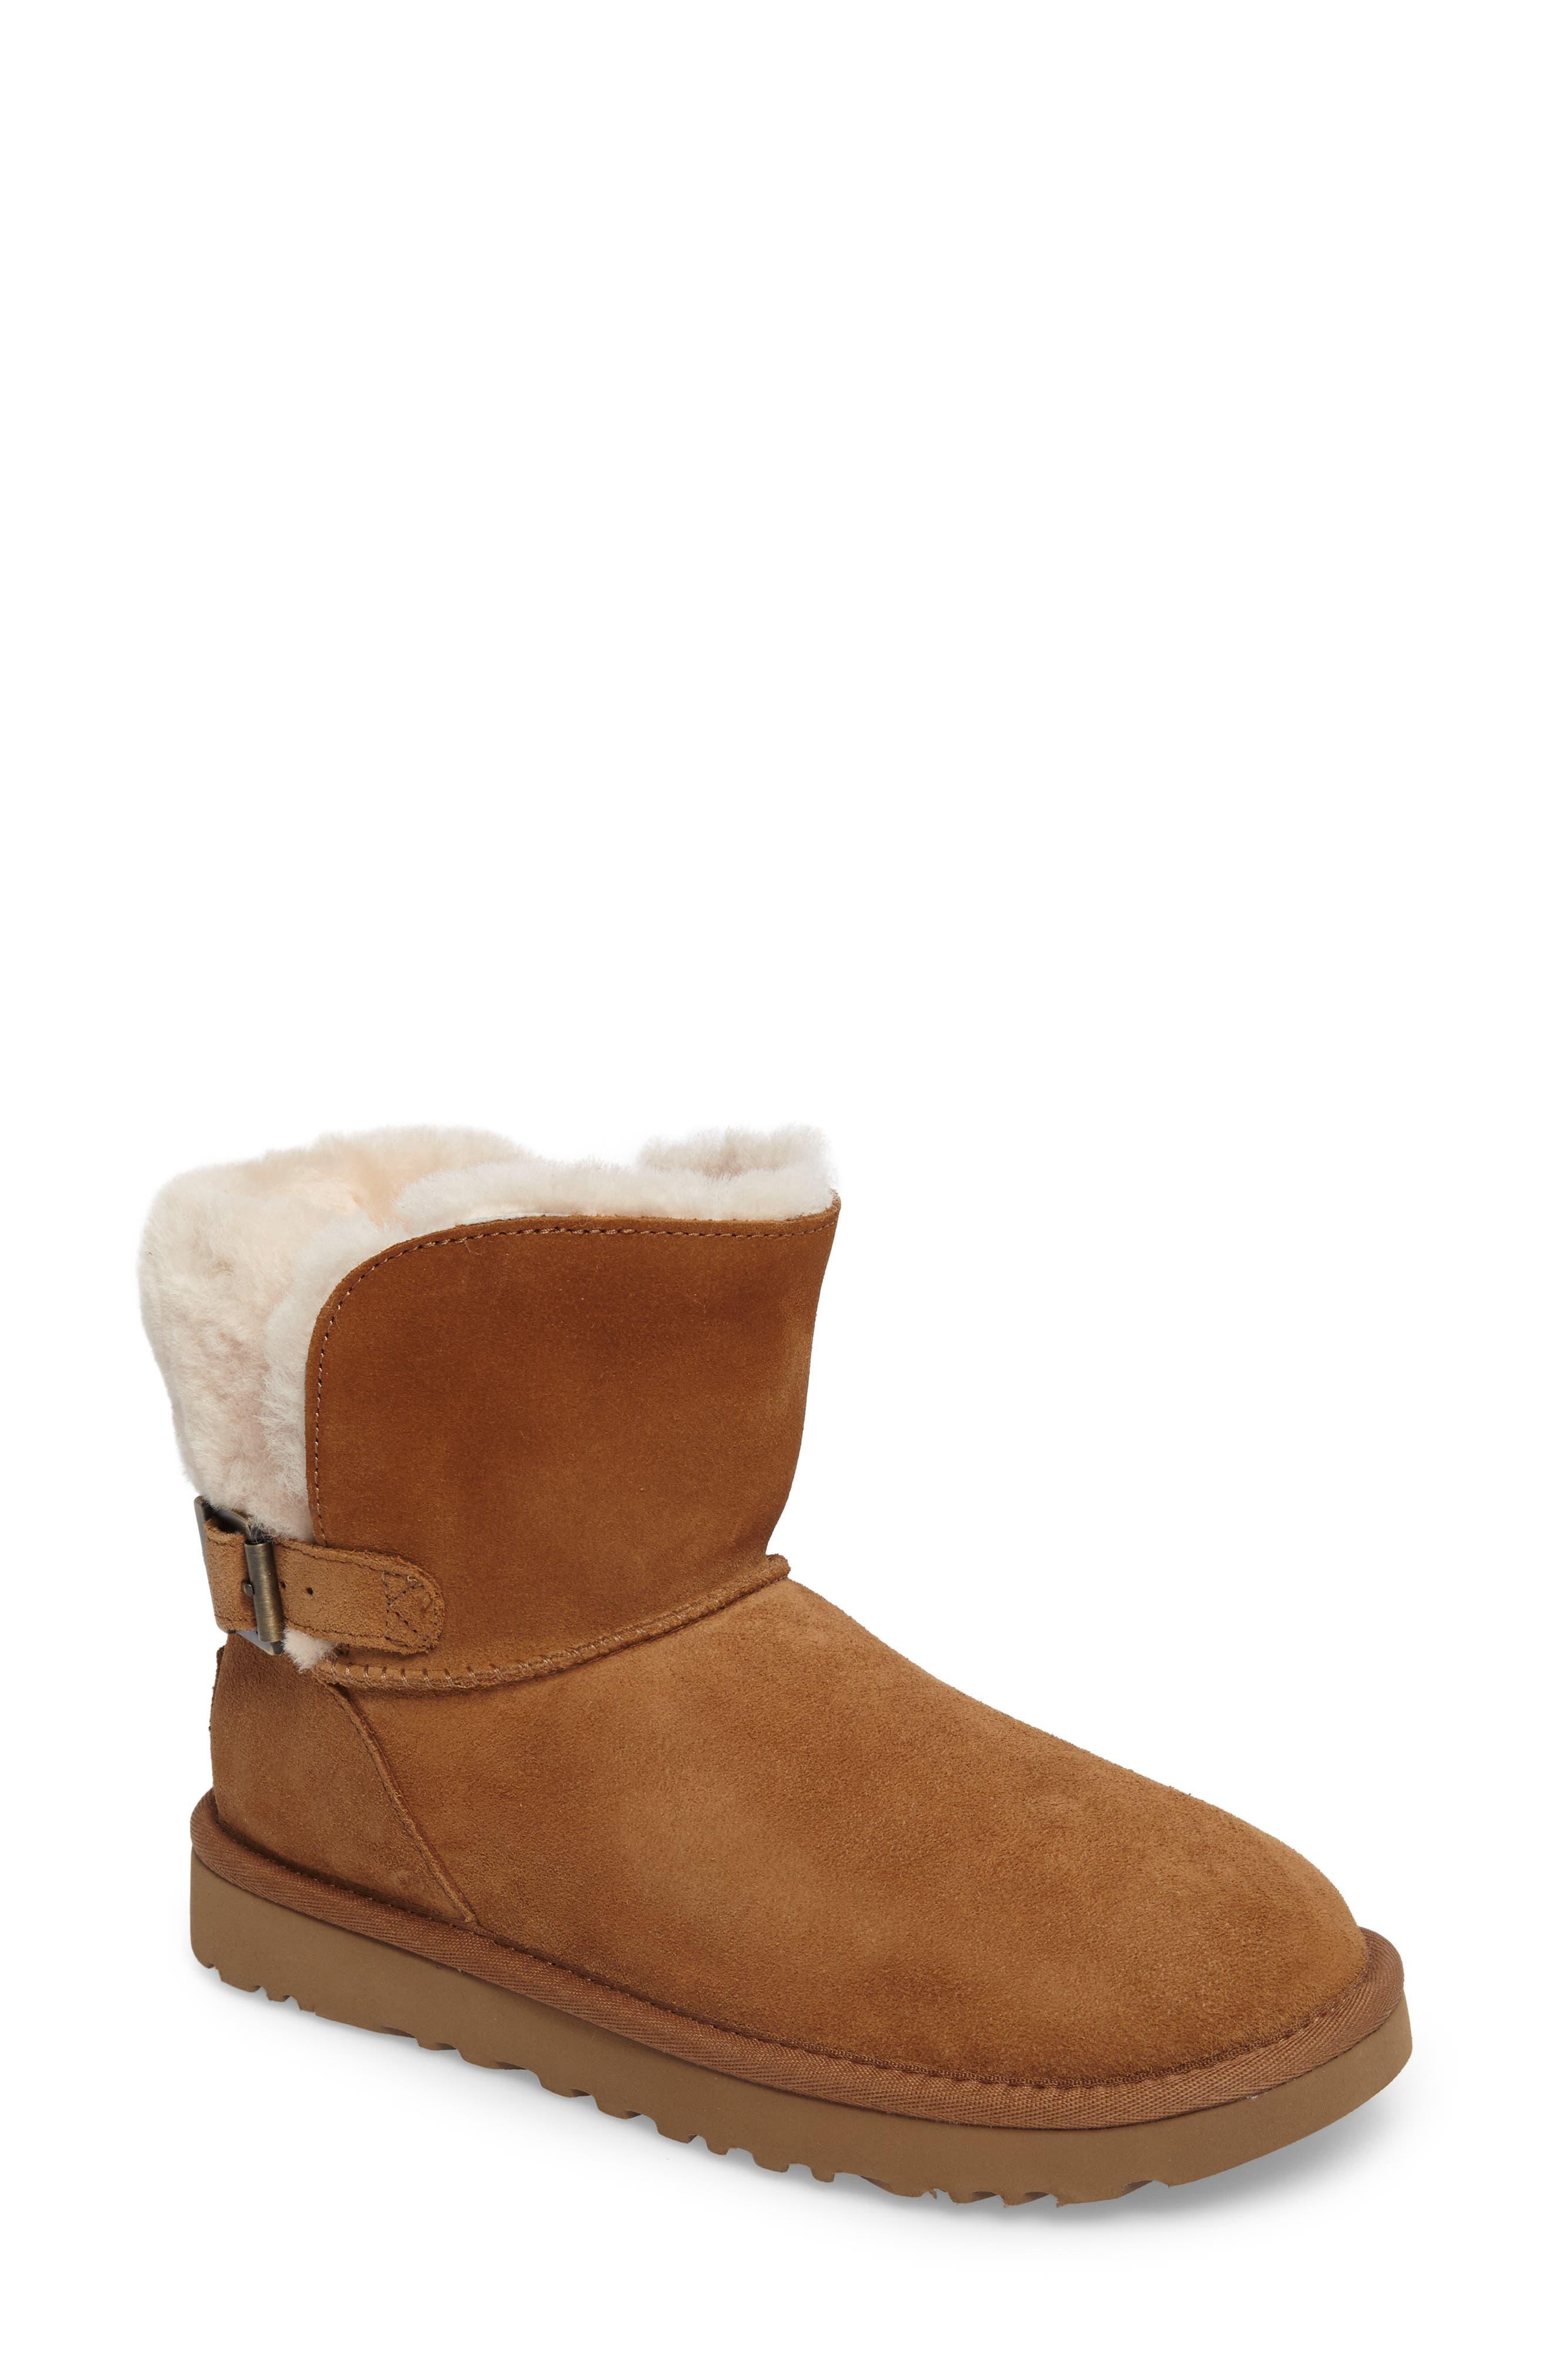 Karel Boot,                         Main,                         color, Chestnut Suede